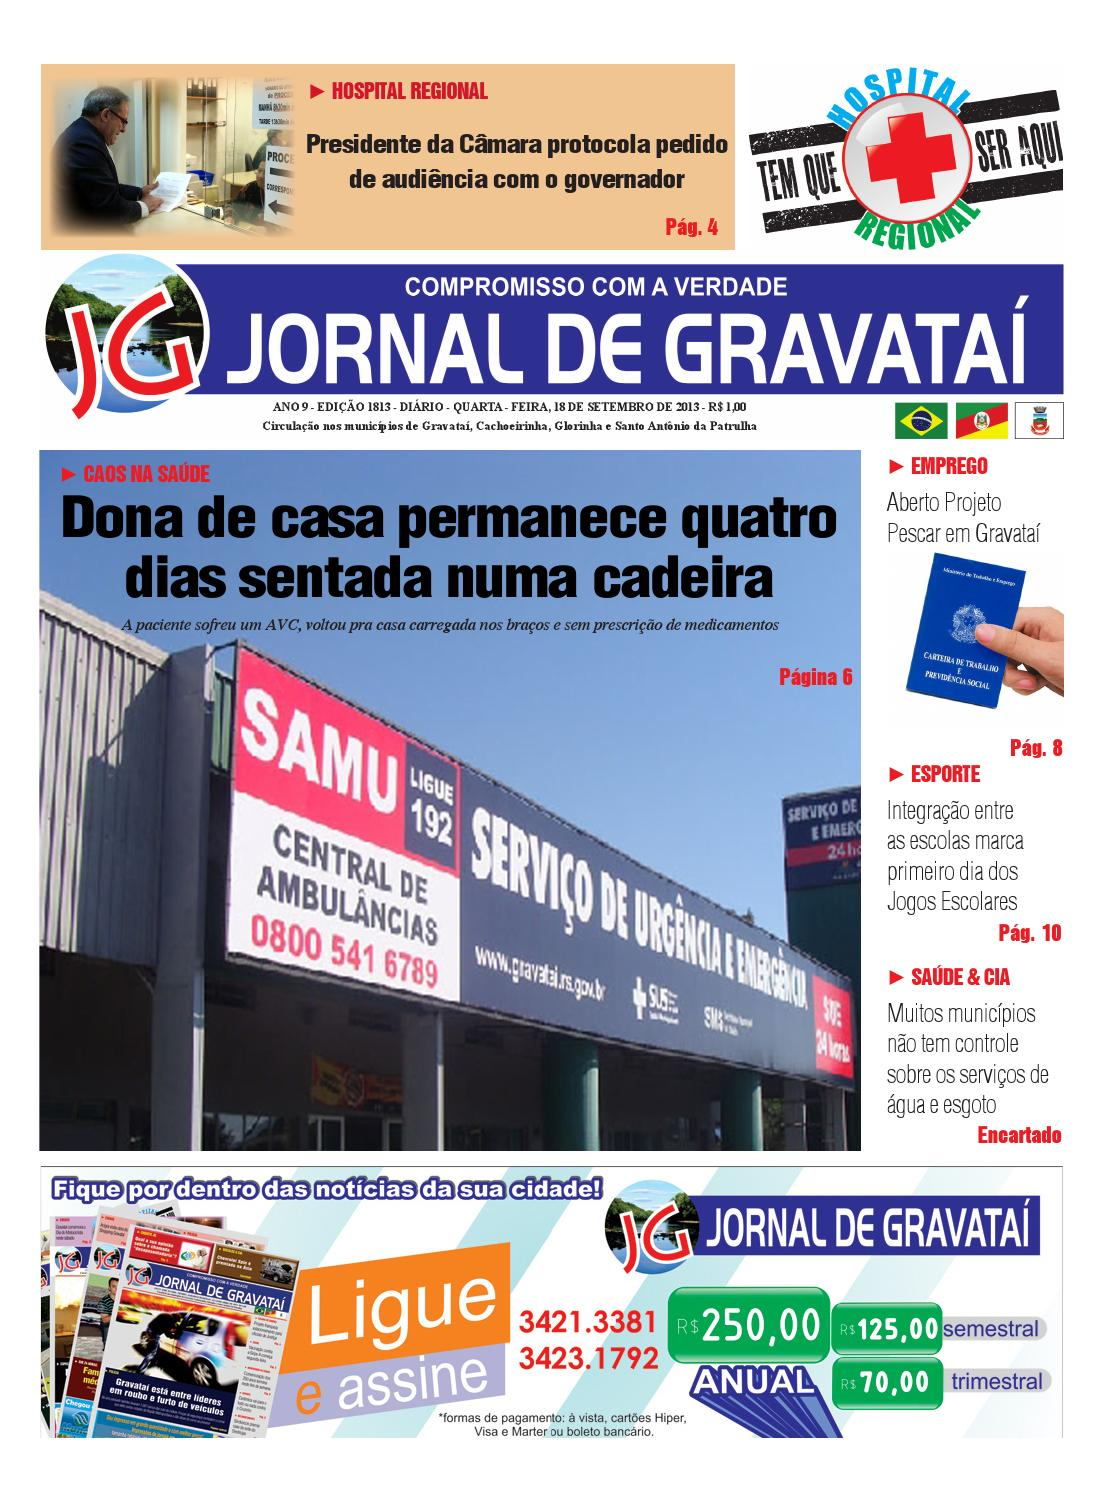 ANO 9 - EDIÇÃO 1813 - DIÁRIO - QUARTA - FEIRA, 18 DE SETEMBRO DE 2013 - R   1,00 by Jornal de Gravataí - issuu 64d4d5cdbd